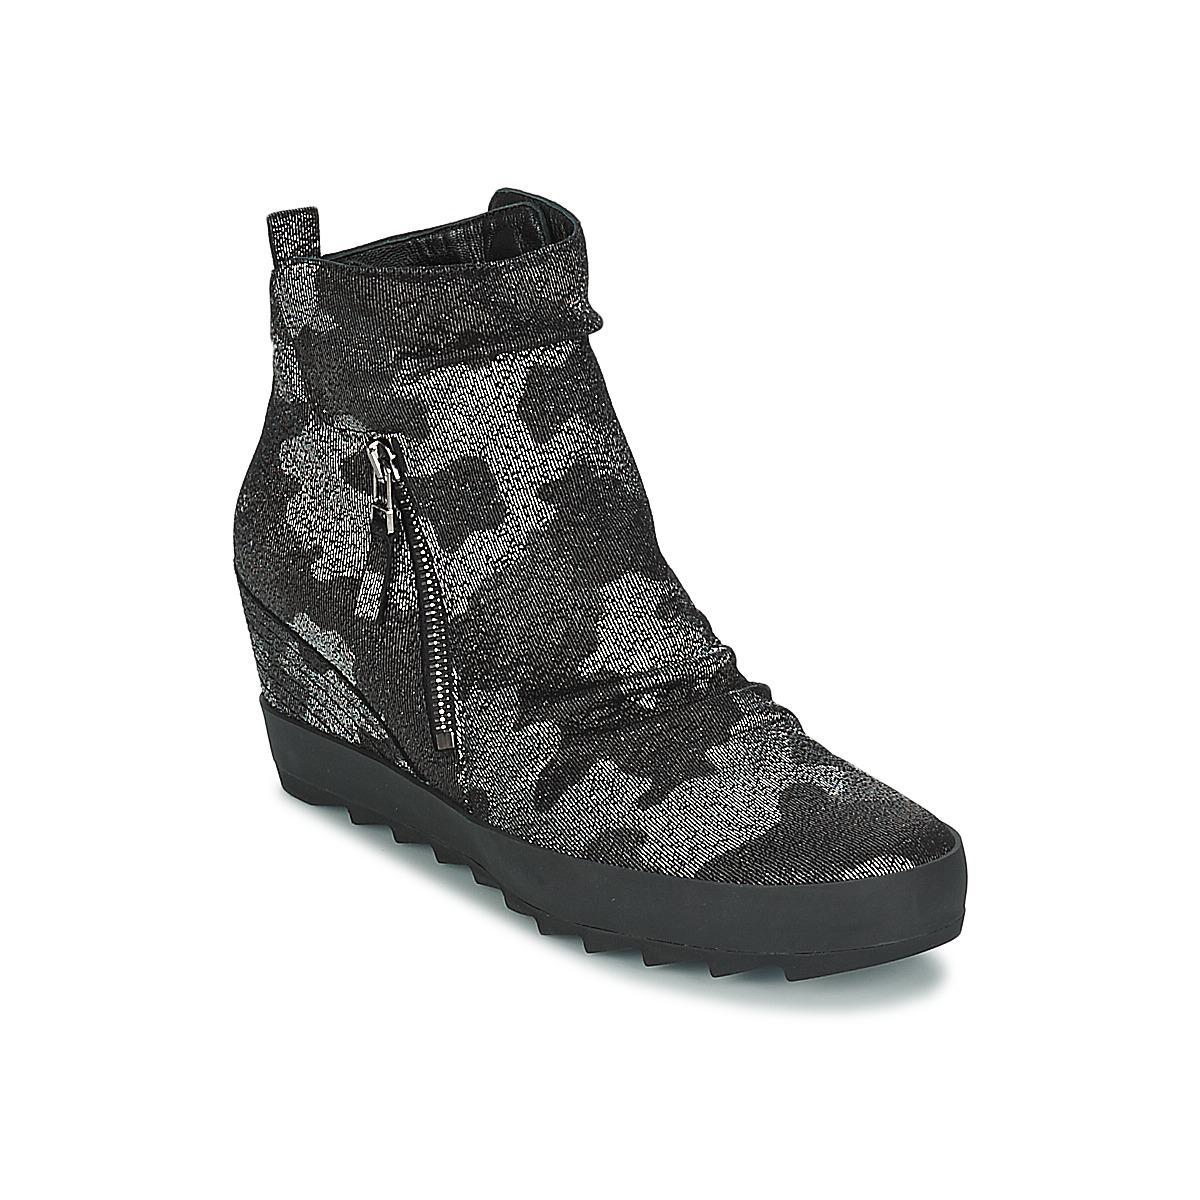 Kennel & Schmenger Boots ALISA Sites En Ligne Pas Cher Vente Pas Cher Expédition Bas Sast Sortie AT4scgRWJx